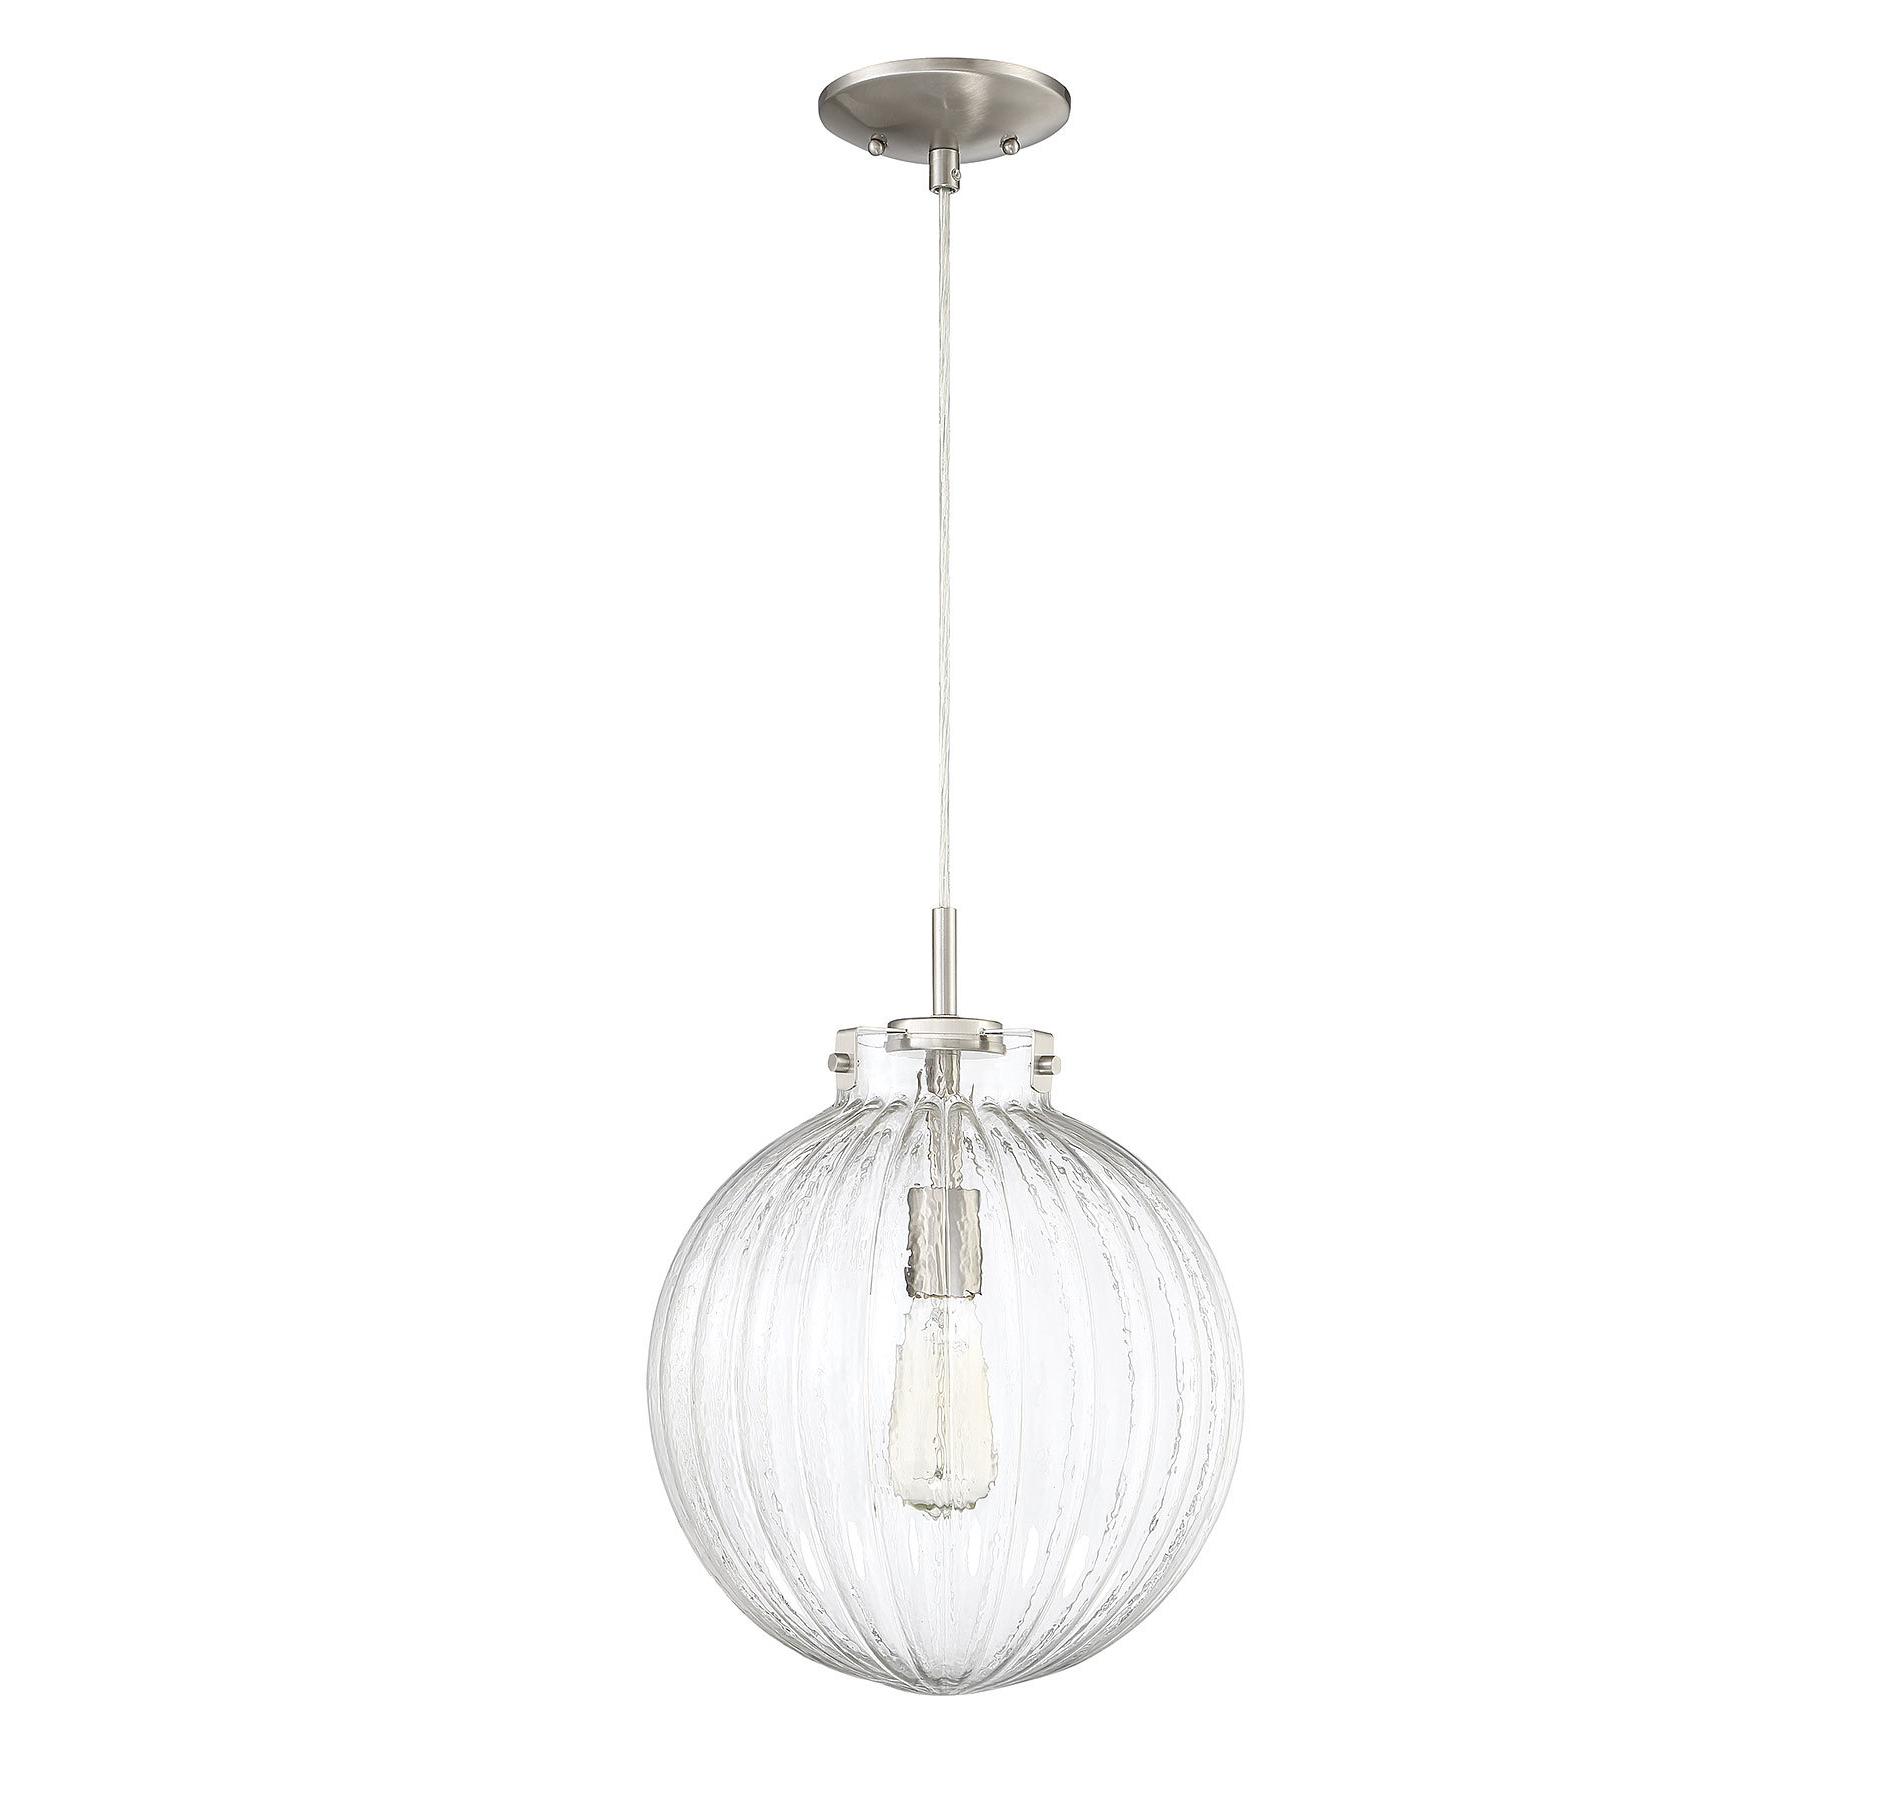 Newest Bundy 1 Light Single Globe Pendants Within Nevels 1 Light Single Globe Pendant (View 20 of 20)